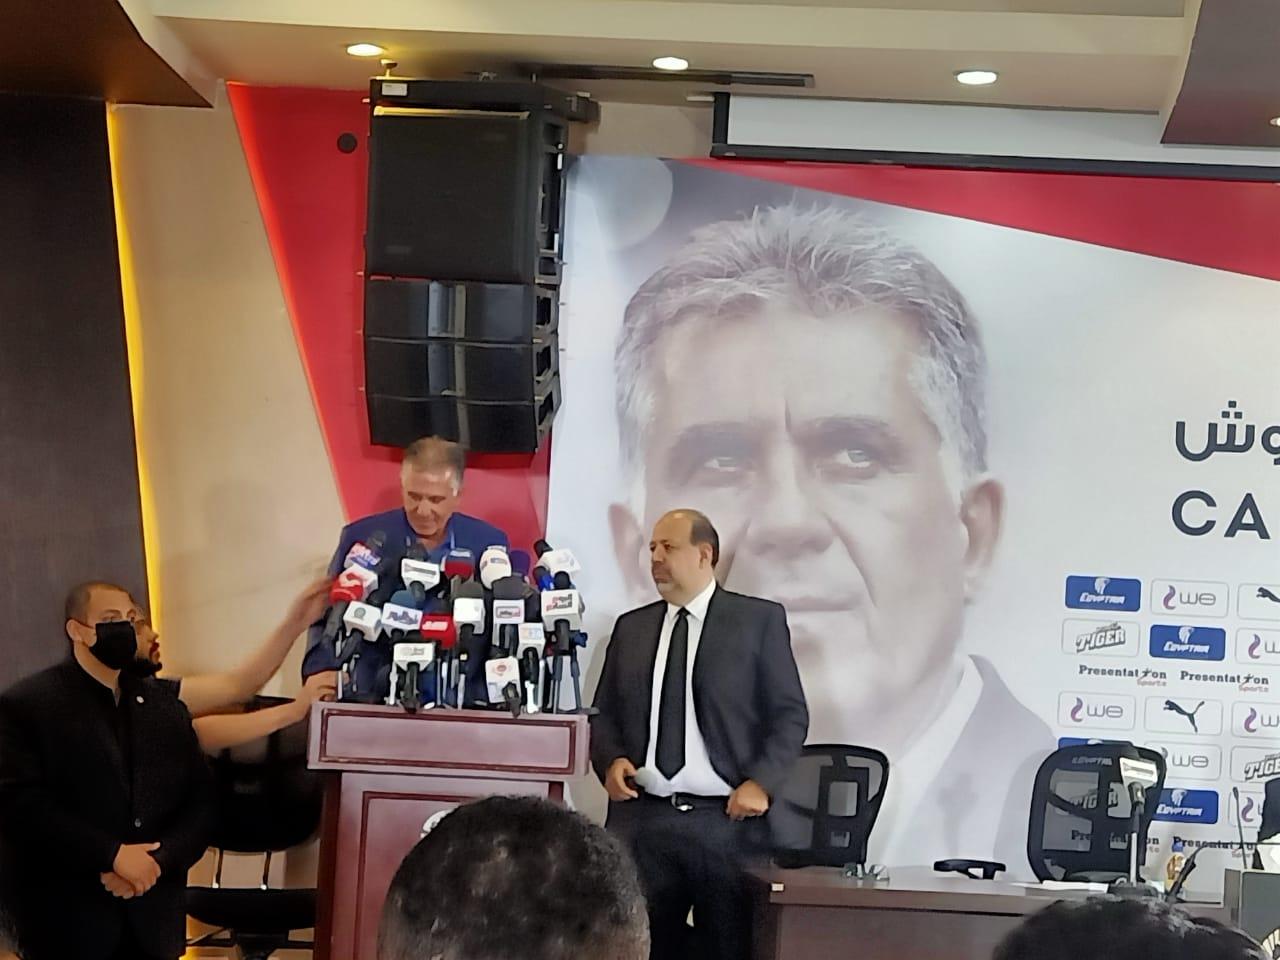 كيروش  اعتبروني مصري وسأستغل قدراتي لتحقيق النجاح مع المنتخب